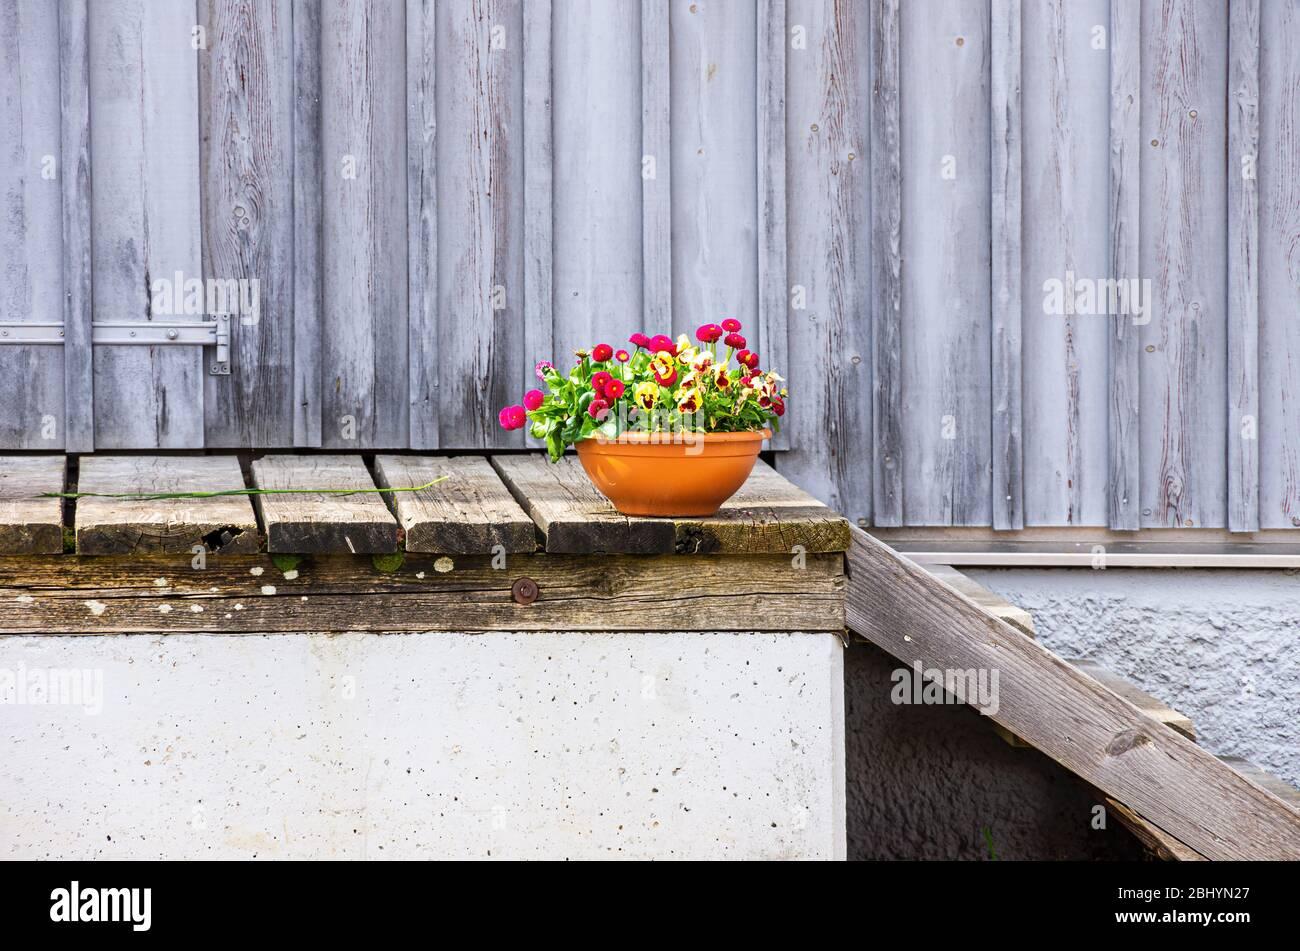 Ein Blumentopf auf einer Rampe vor einem ländlichen Stallgebäude. Stockfoto